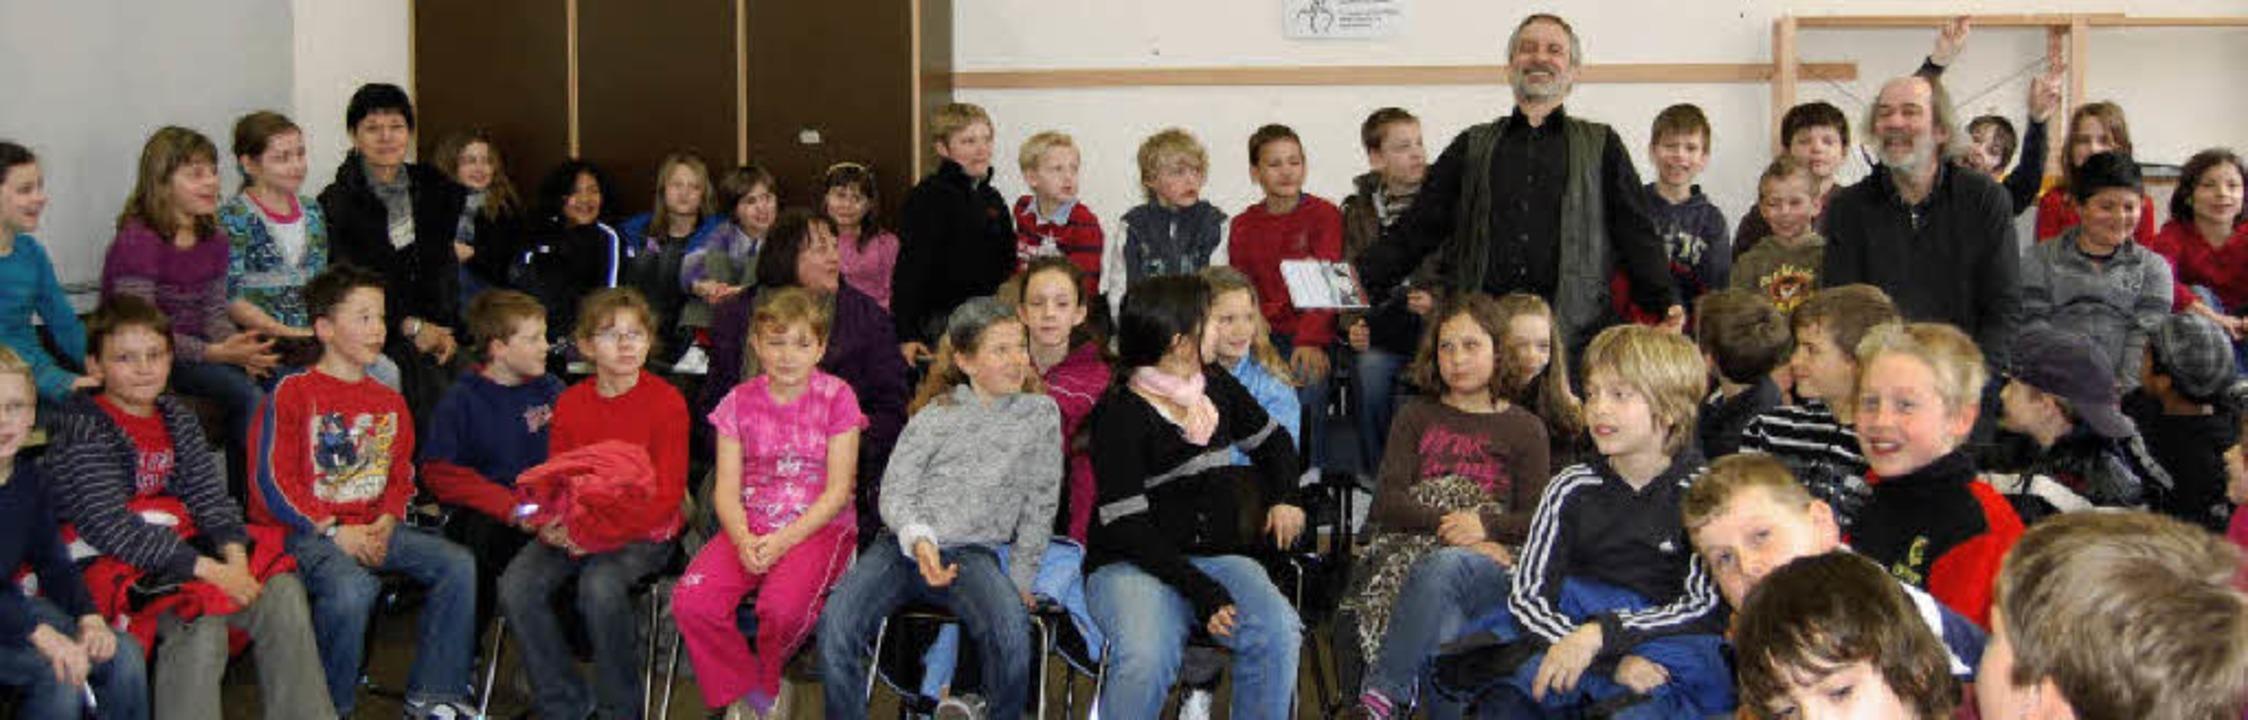 Buchautor Werner Färber inmitten seiner Zuhörer in der Grundschule Kenzingen.     Foto: Sonja Lutz